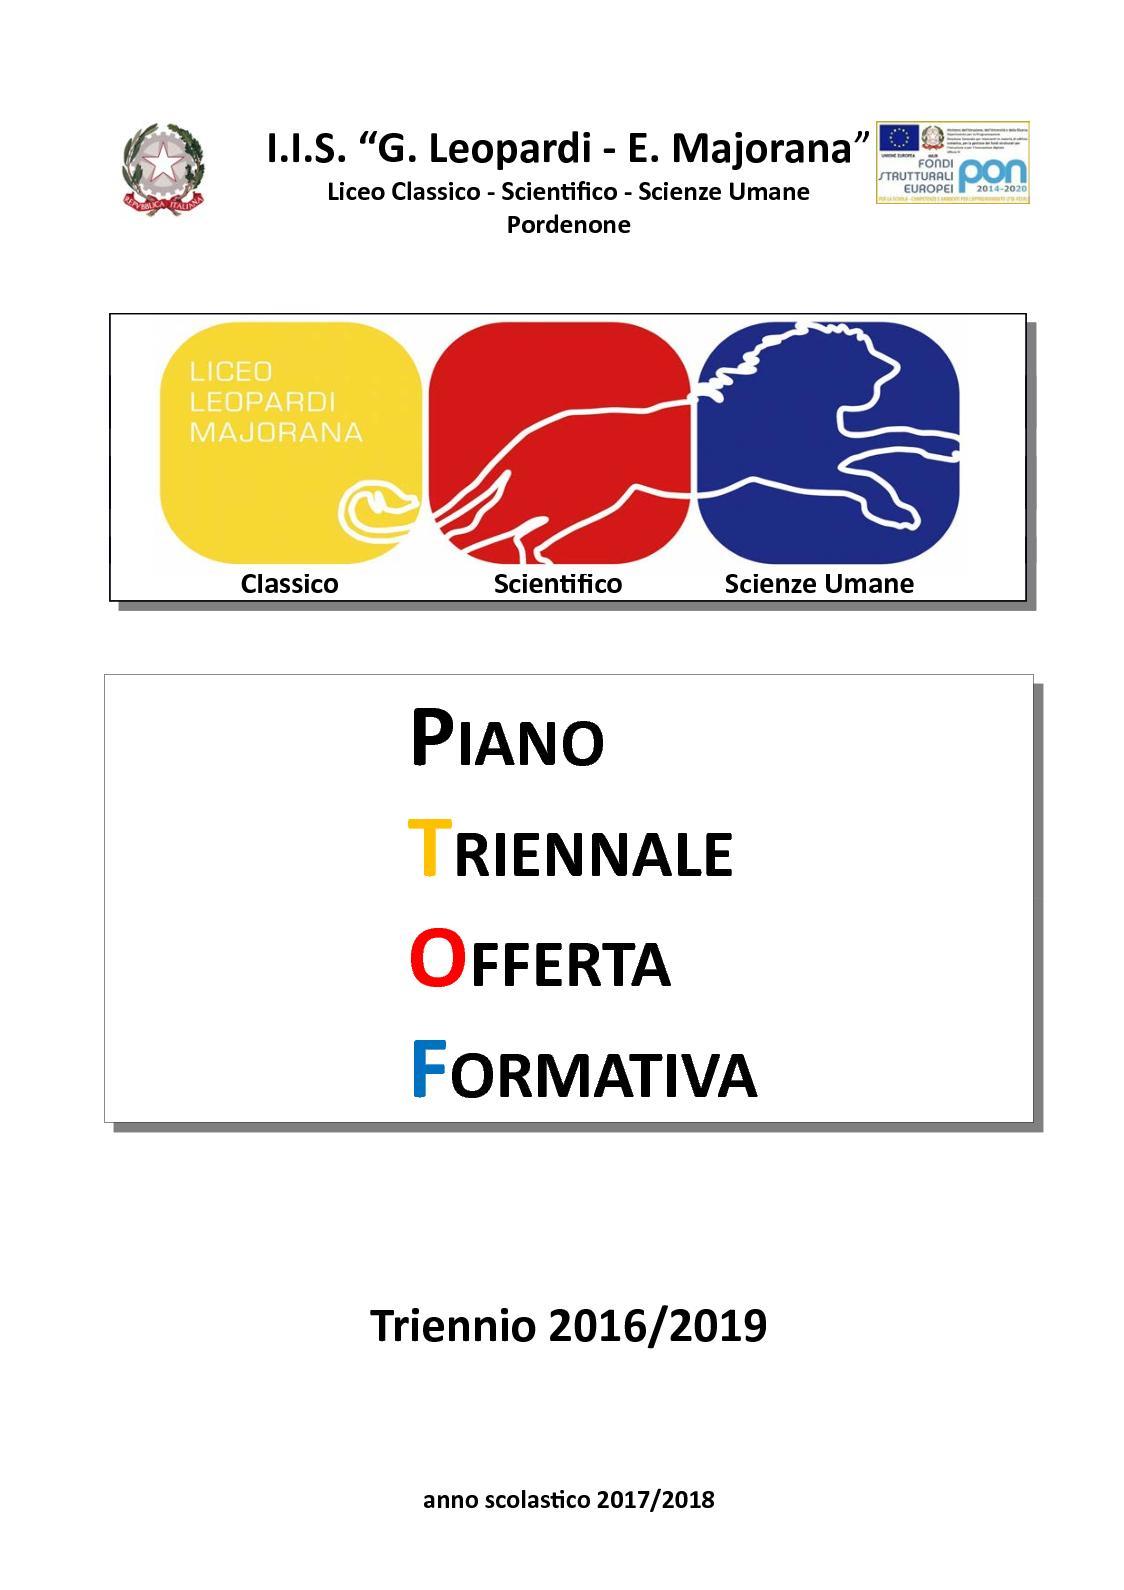 Calendario Avvento Bottega Verde 2020.Calendario Cronologico Polito 2020